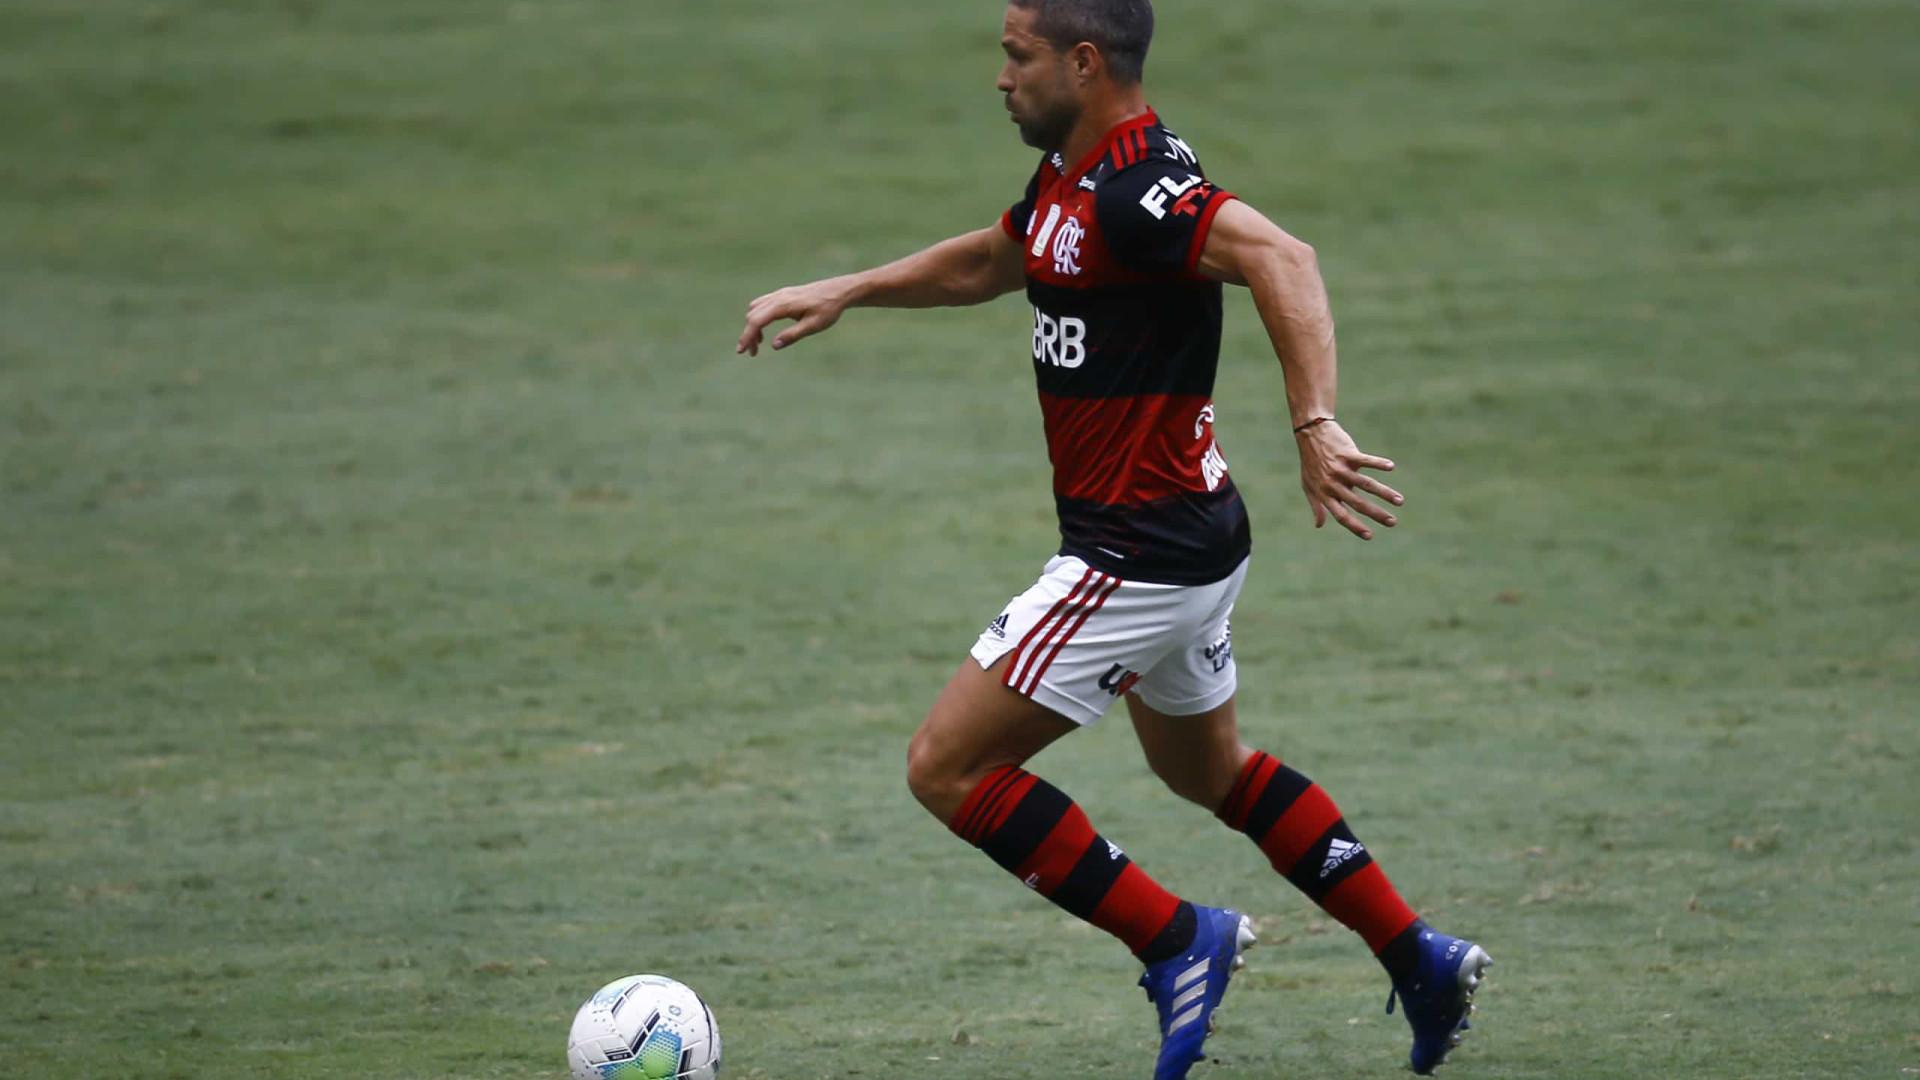 Após 7 títulos em 2 anos, Diego ainda aponta 'fome' de títulos no Flamengo